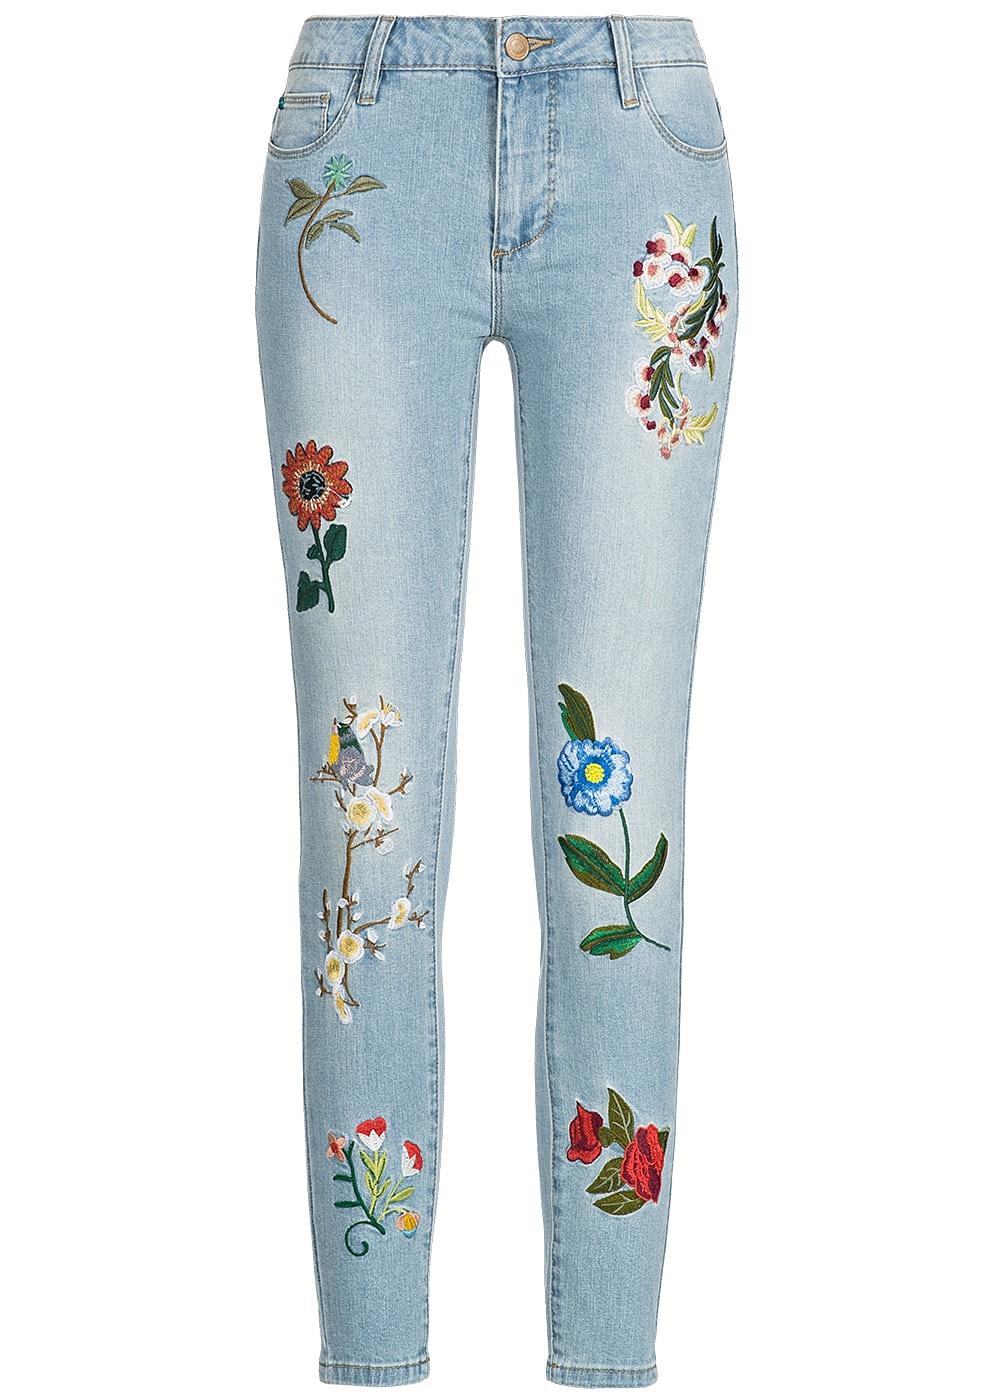 Freiraum suchen exquisites Design 60% Freigabe Jeans Mit Blumenmuster Only - Home Decor Wallpaper